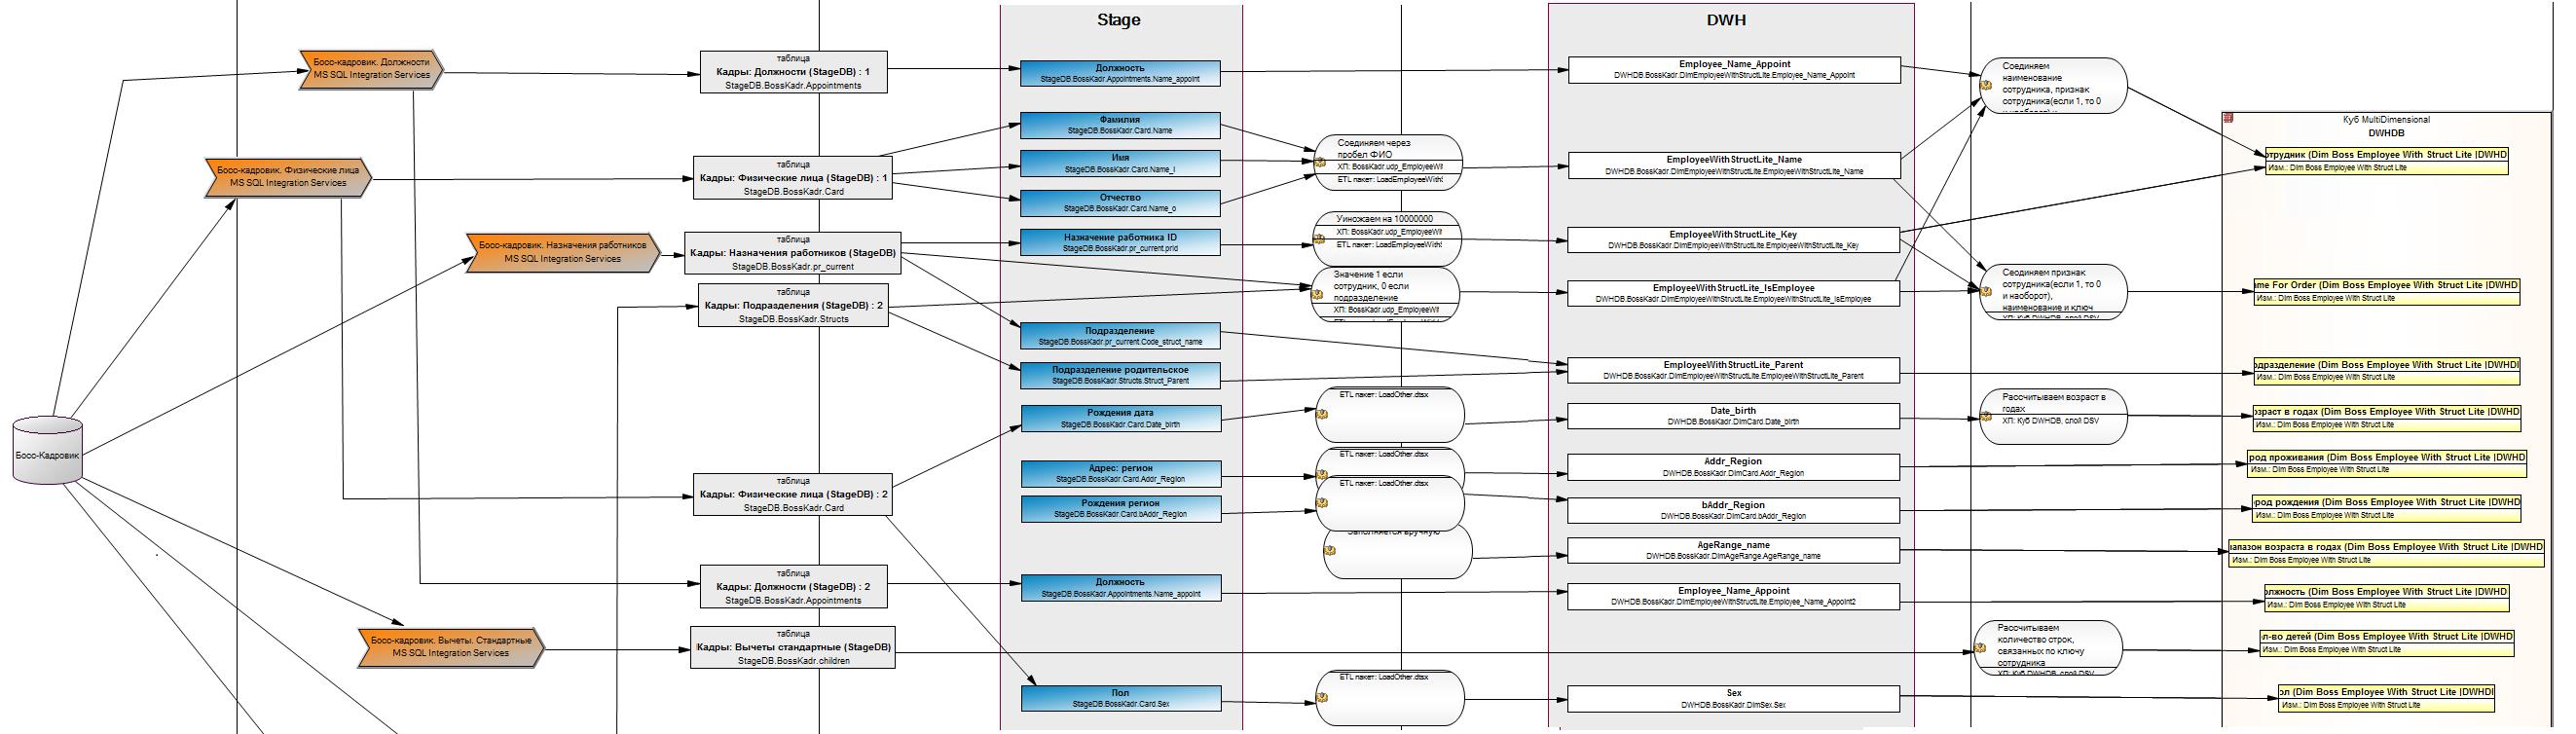 Общий вид одной из диаграмм кастомизированной модели потоков данных в SAP PowerDesigner